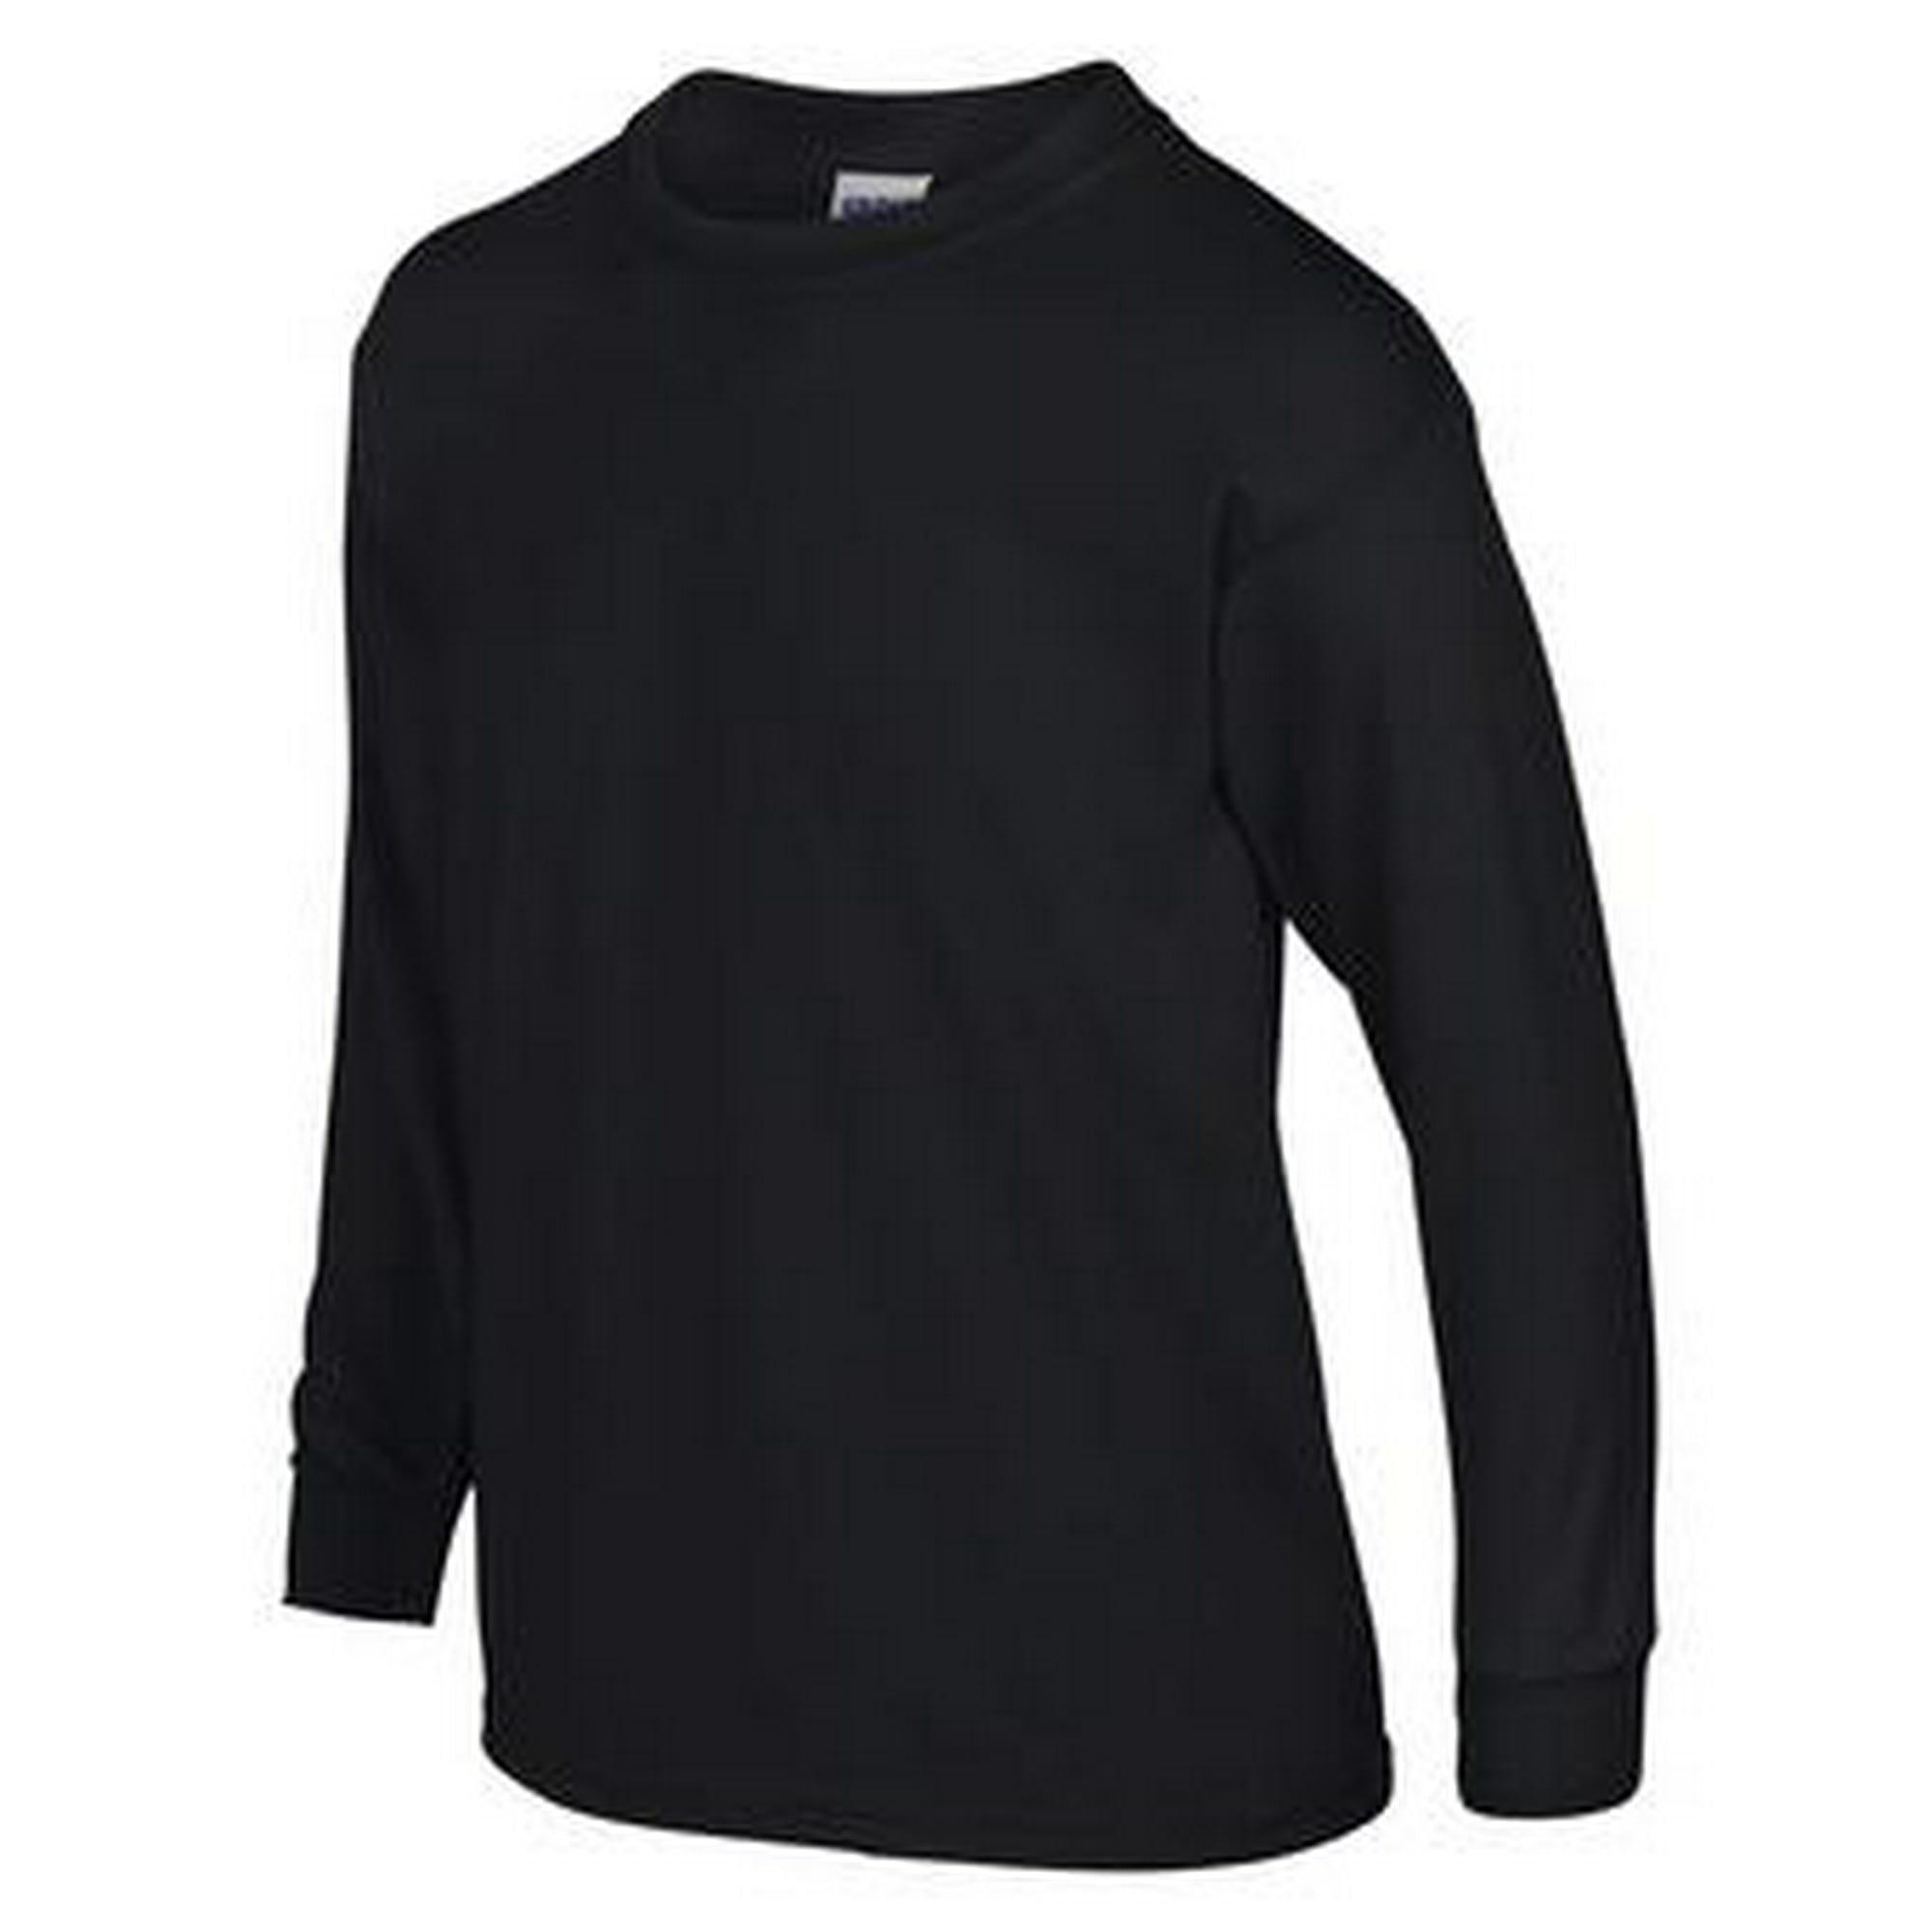 910cf941 Gildan Long Sleeve T Shirts Walmart